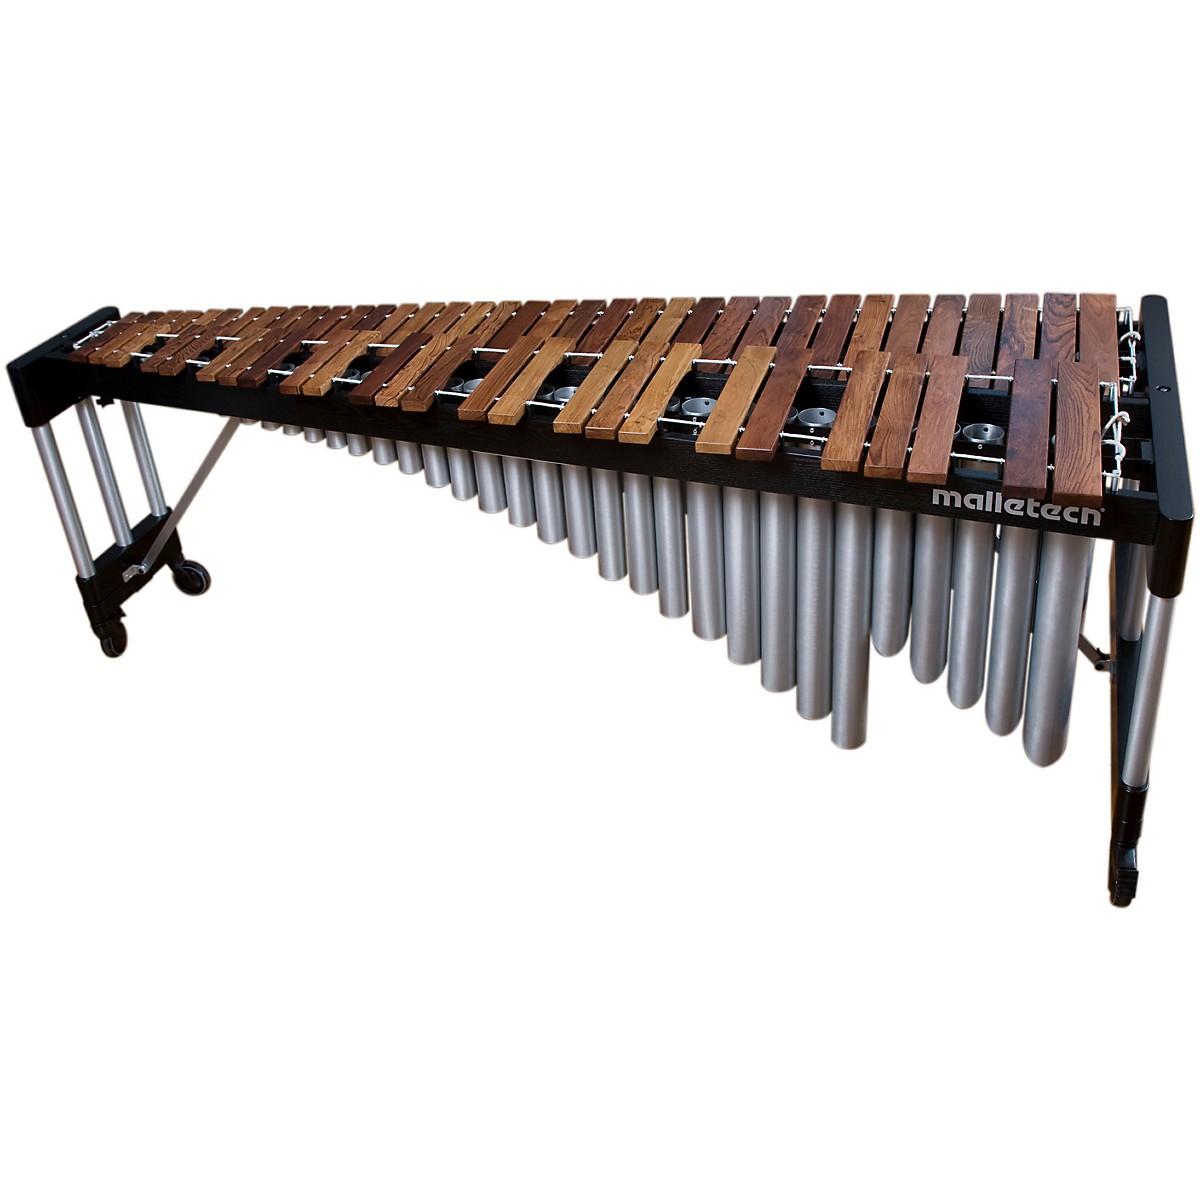 Malletech 5.0 Stiletto Marimba, Height Adjustable